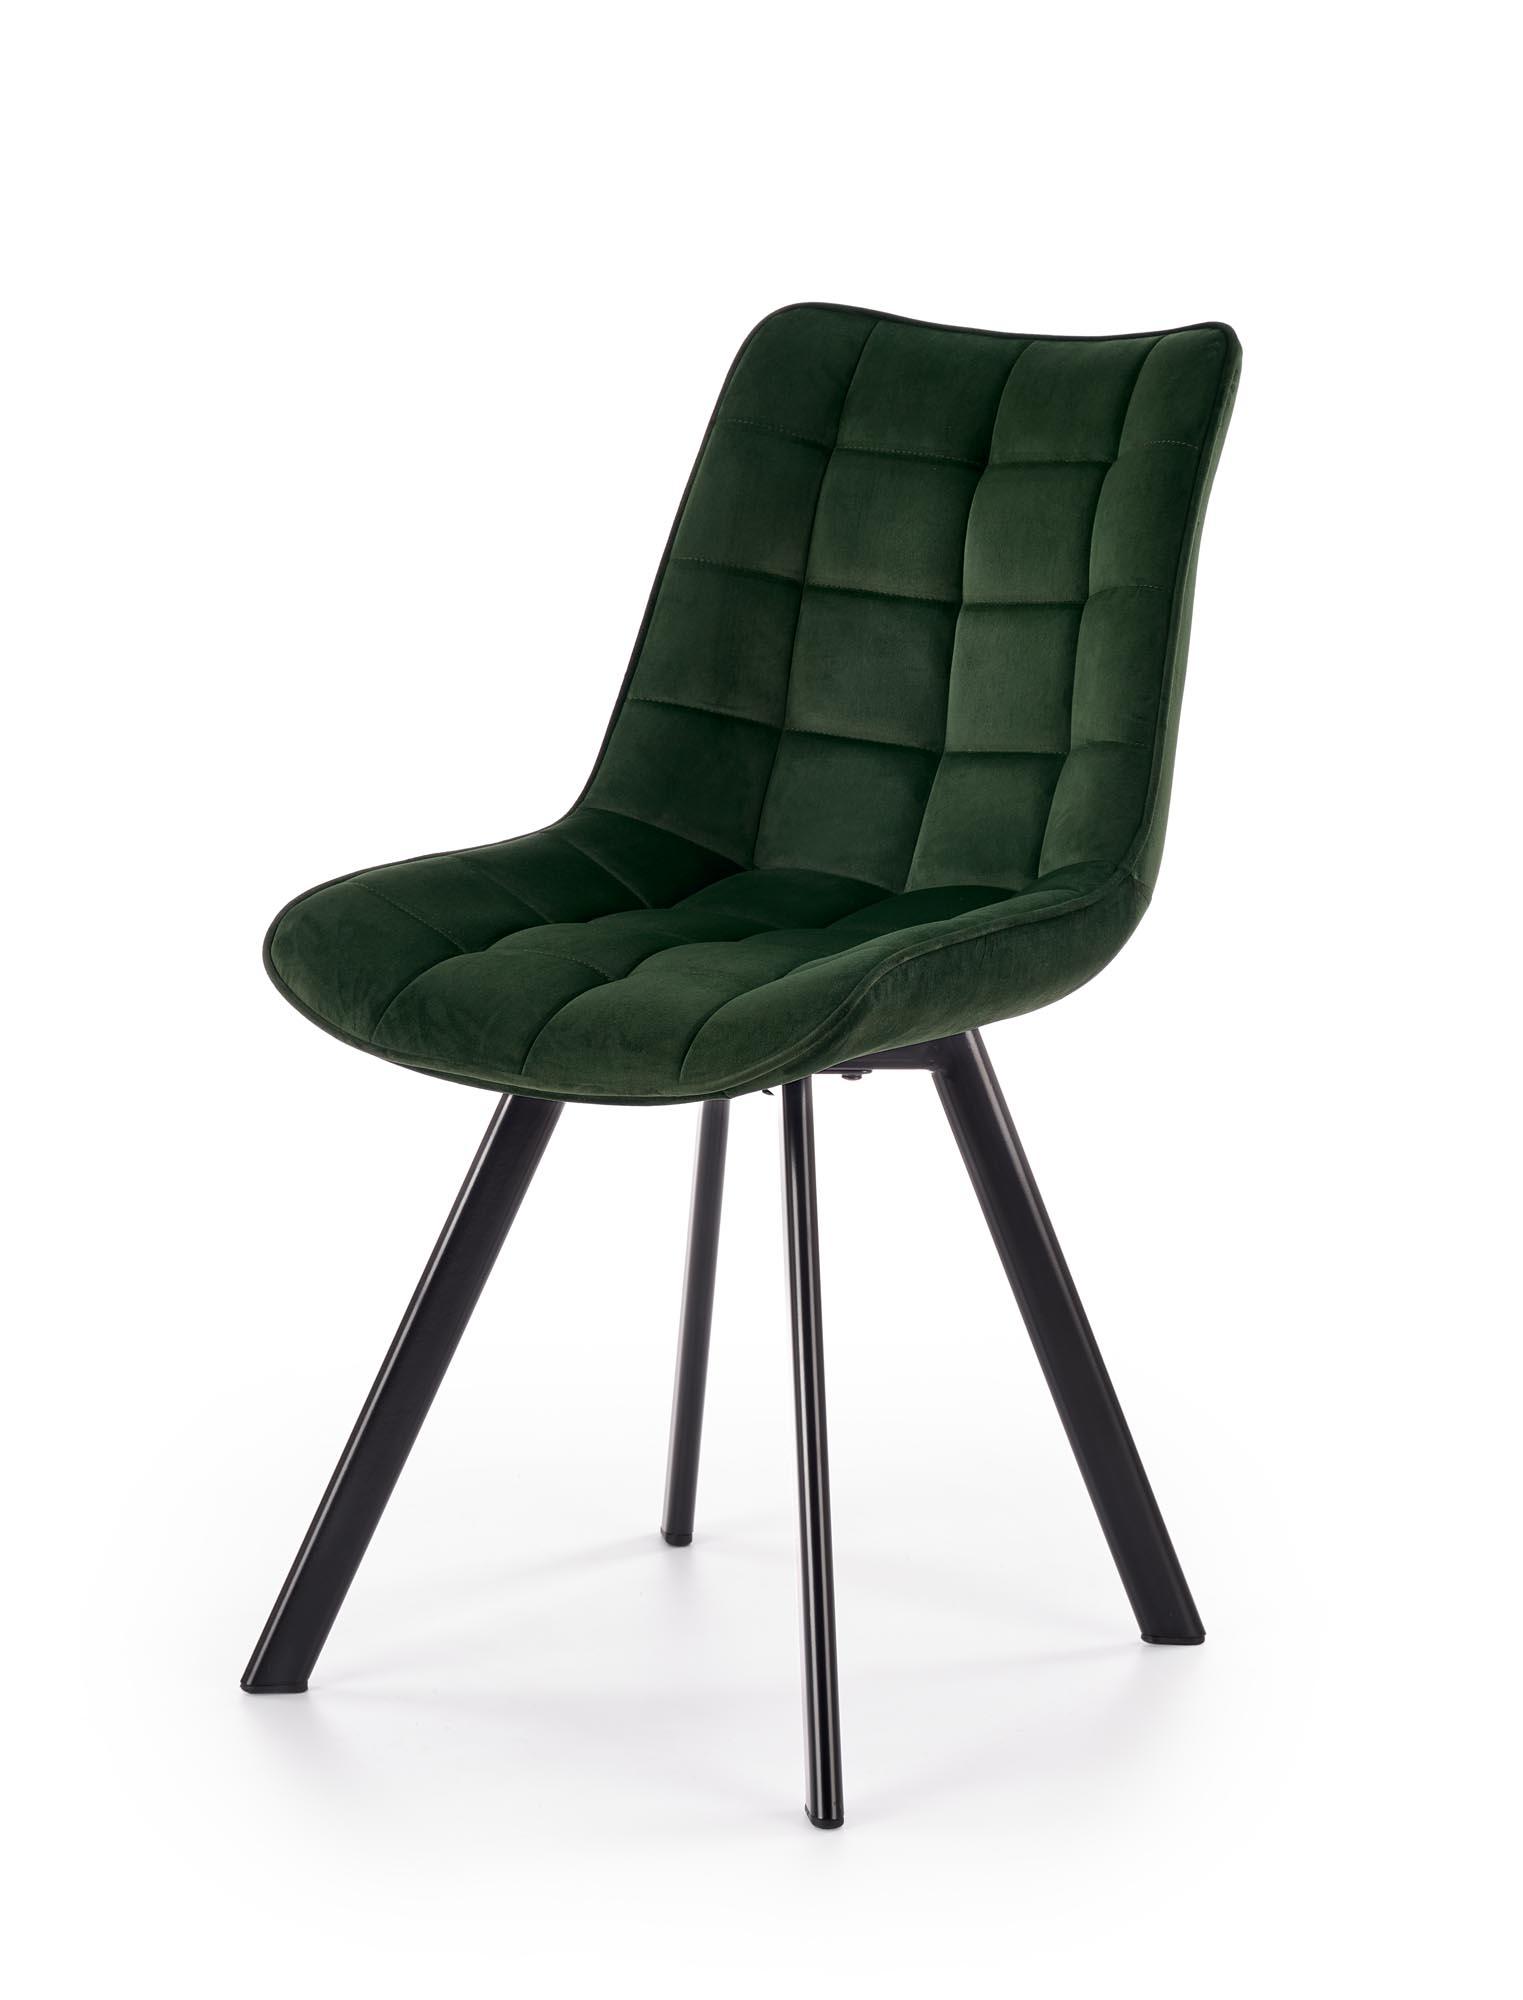 K332 jedálenská stolička, tmavo zelená